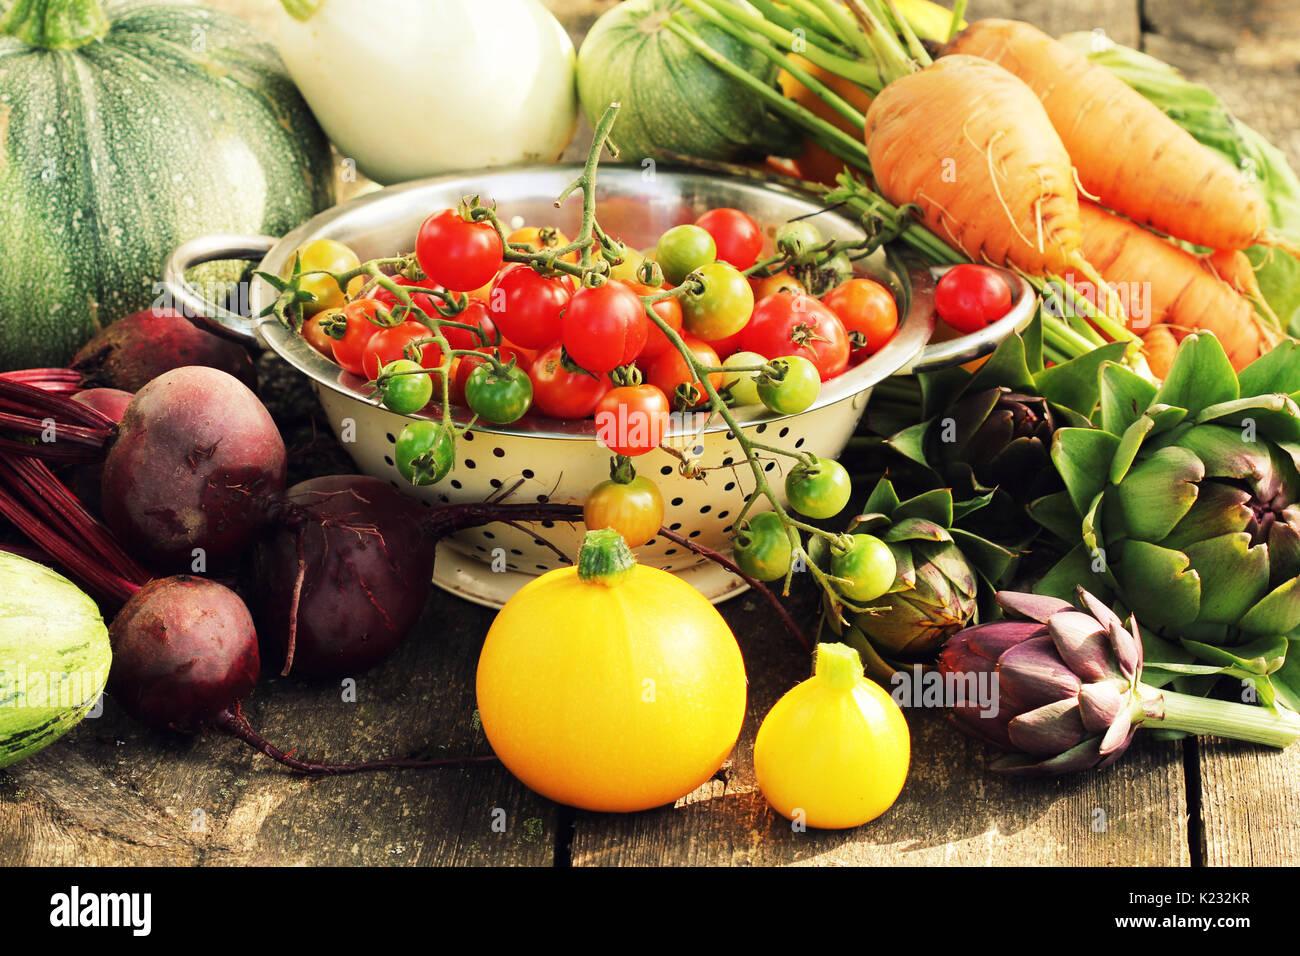 Frisches rohes Gemüse Zutaten für gesundes Kochen oder Salat, auf rustikalen Tabelle, kopieren. Diät- oder vegetarische Kost Konzept Stockbild